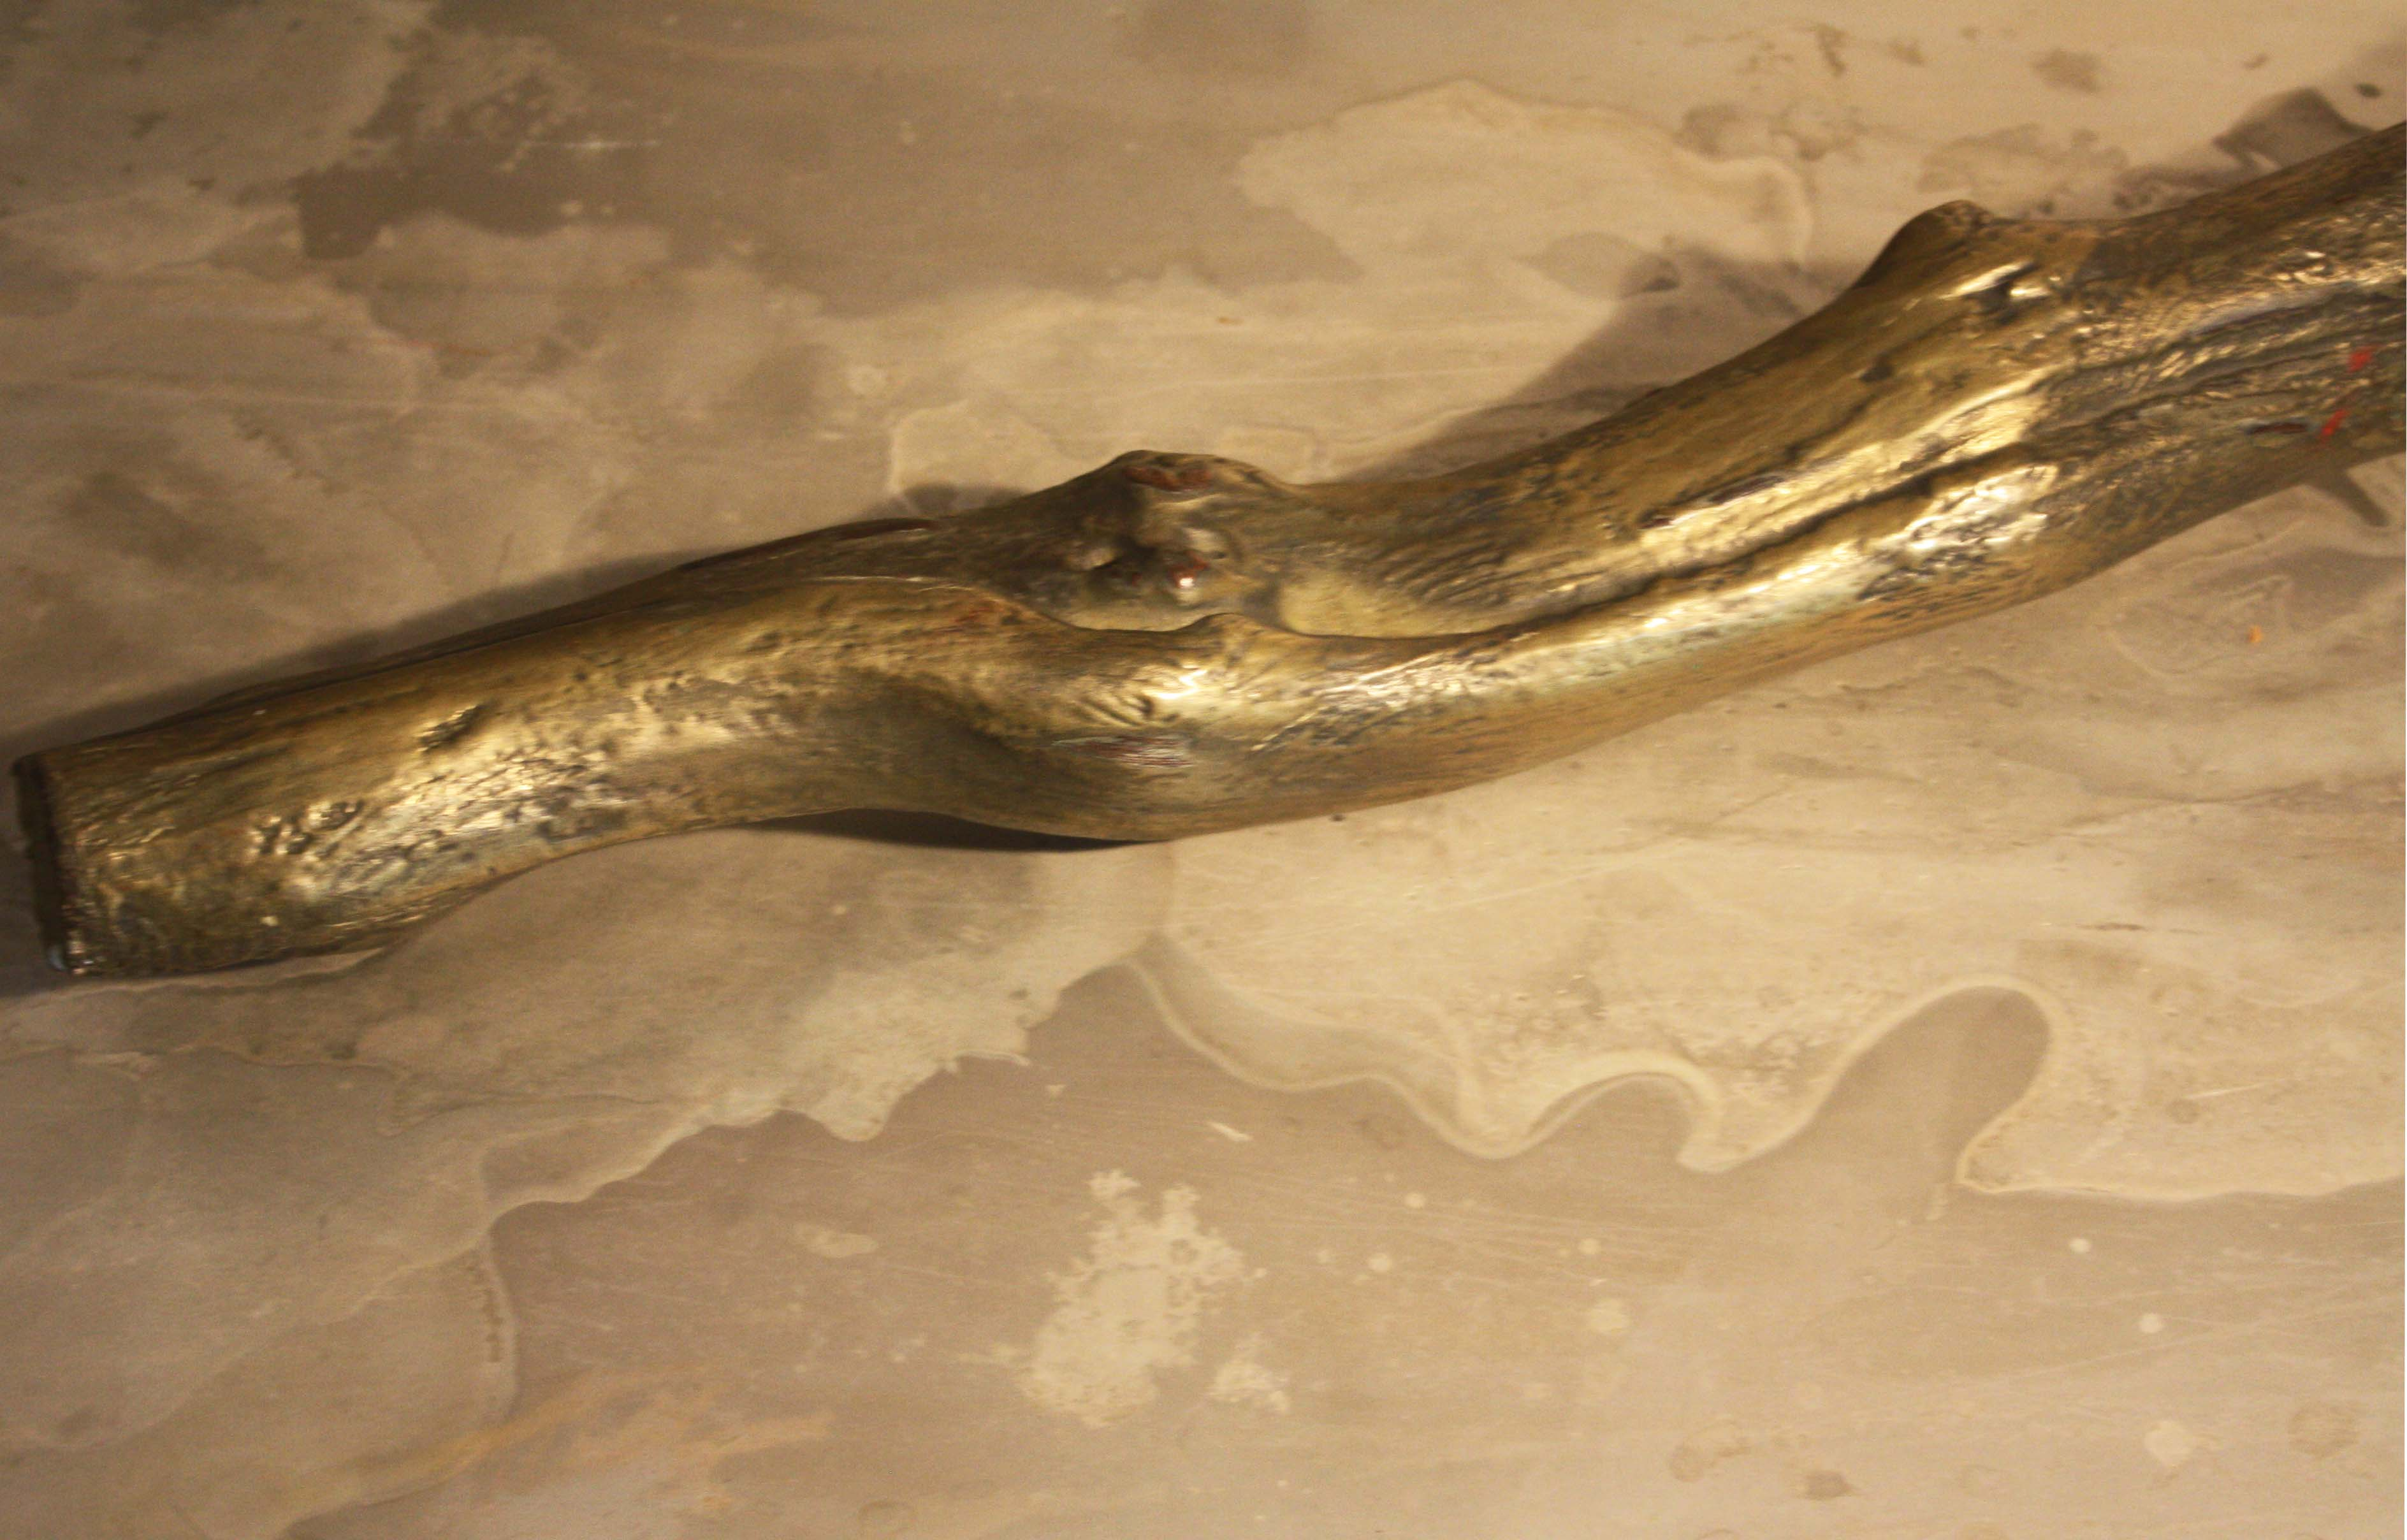 Arte Chimica dei Metalli - Polvere di ottone su ceppo di vigna